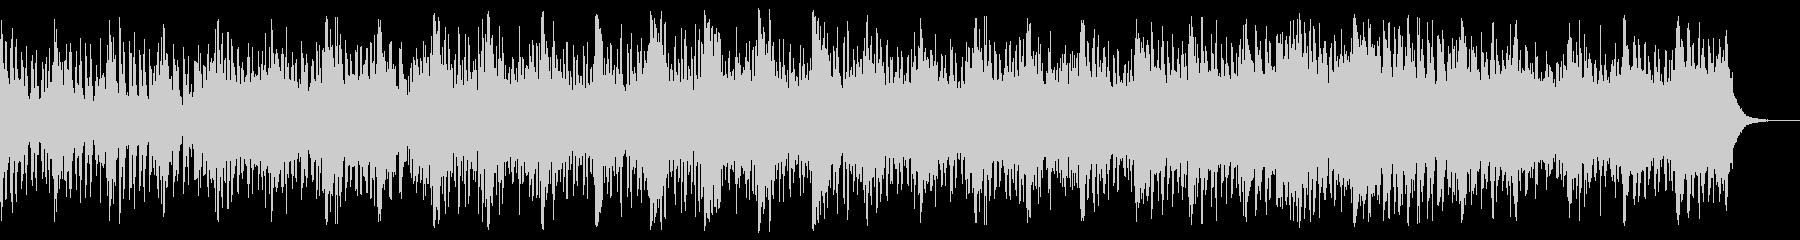 ハリウッド風のオーケストラ音楽の未再生の波形